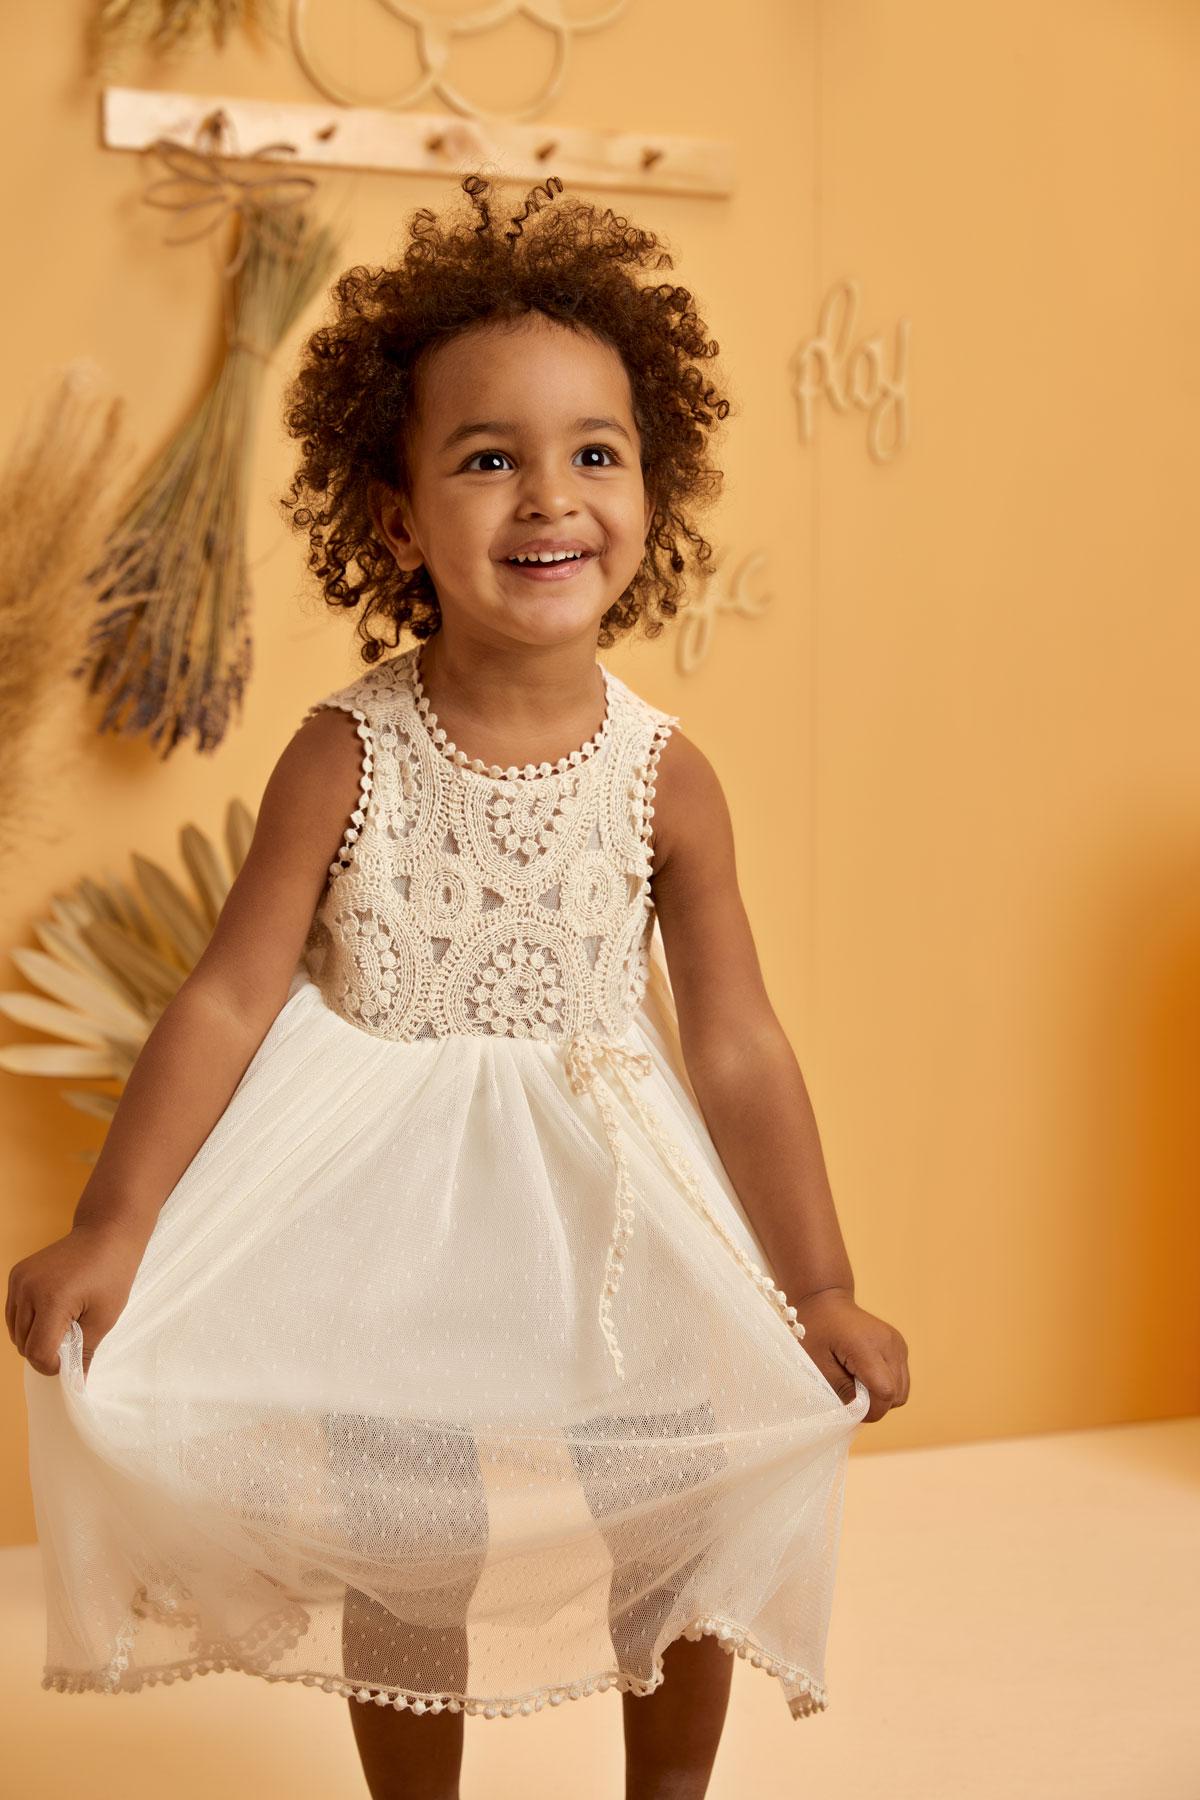 Βαπτιστικό φόρεμα εκρού με στρόγγυλη δαντέλα τσιγγελάκι